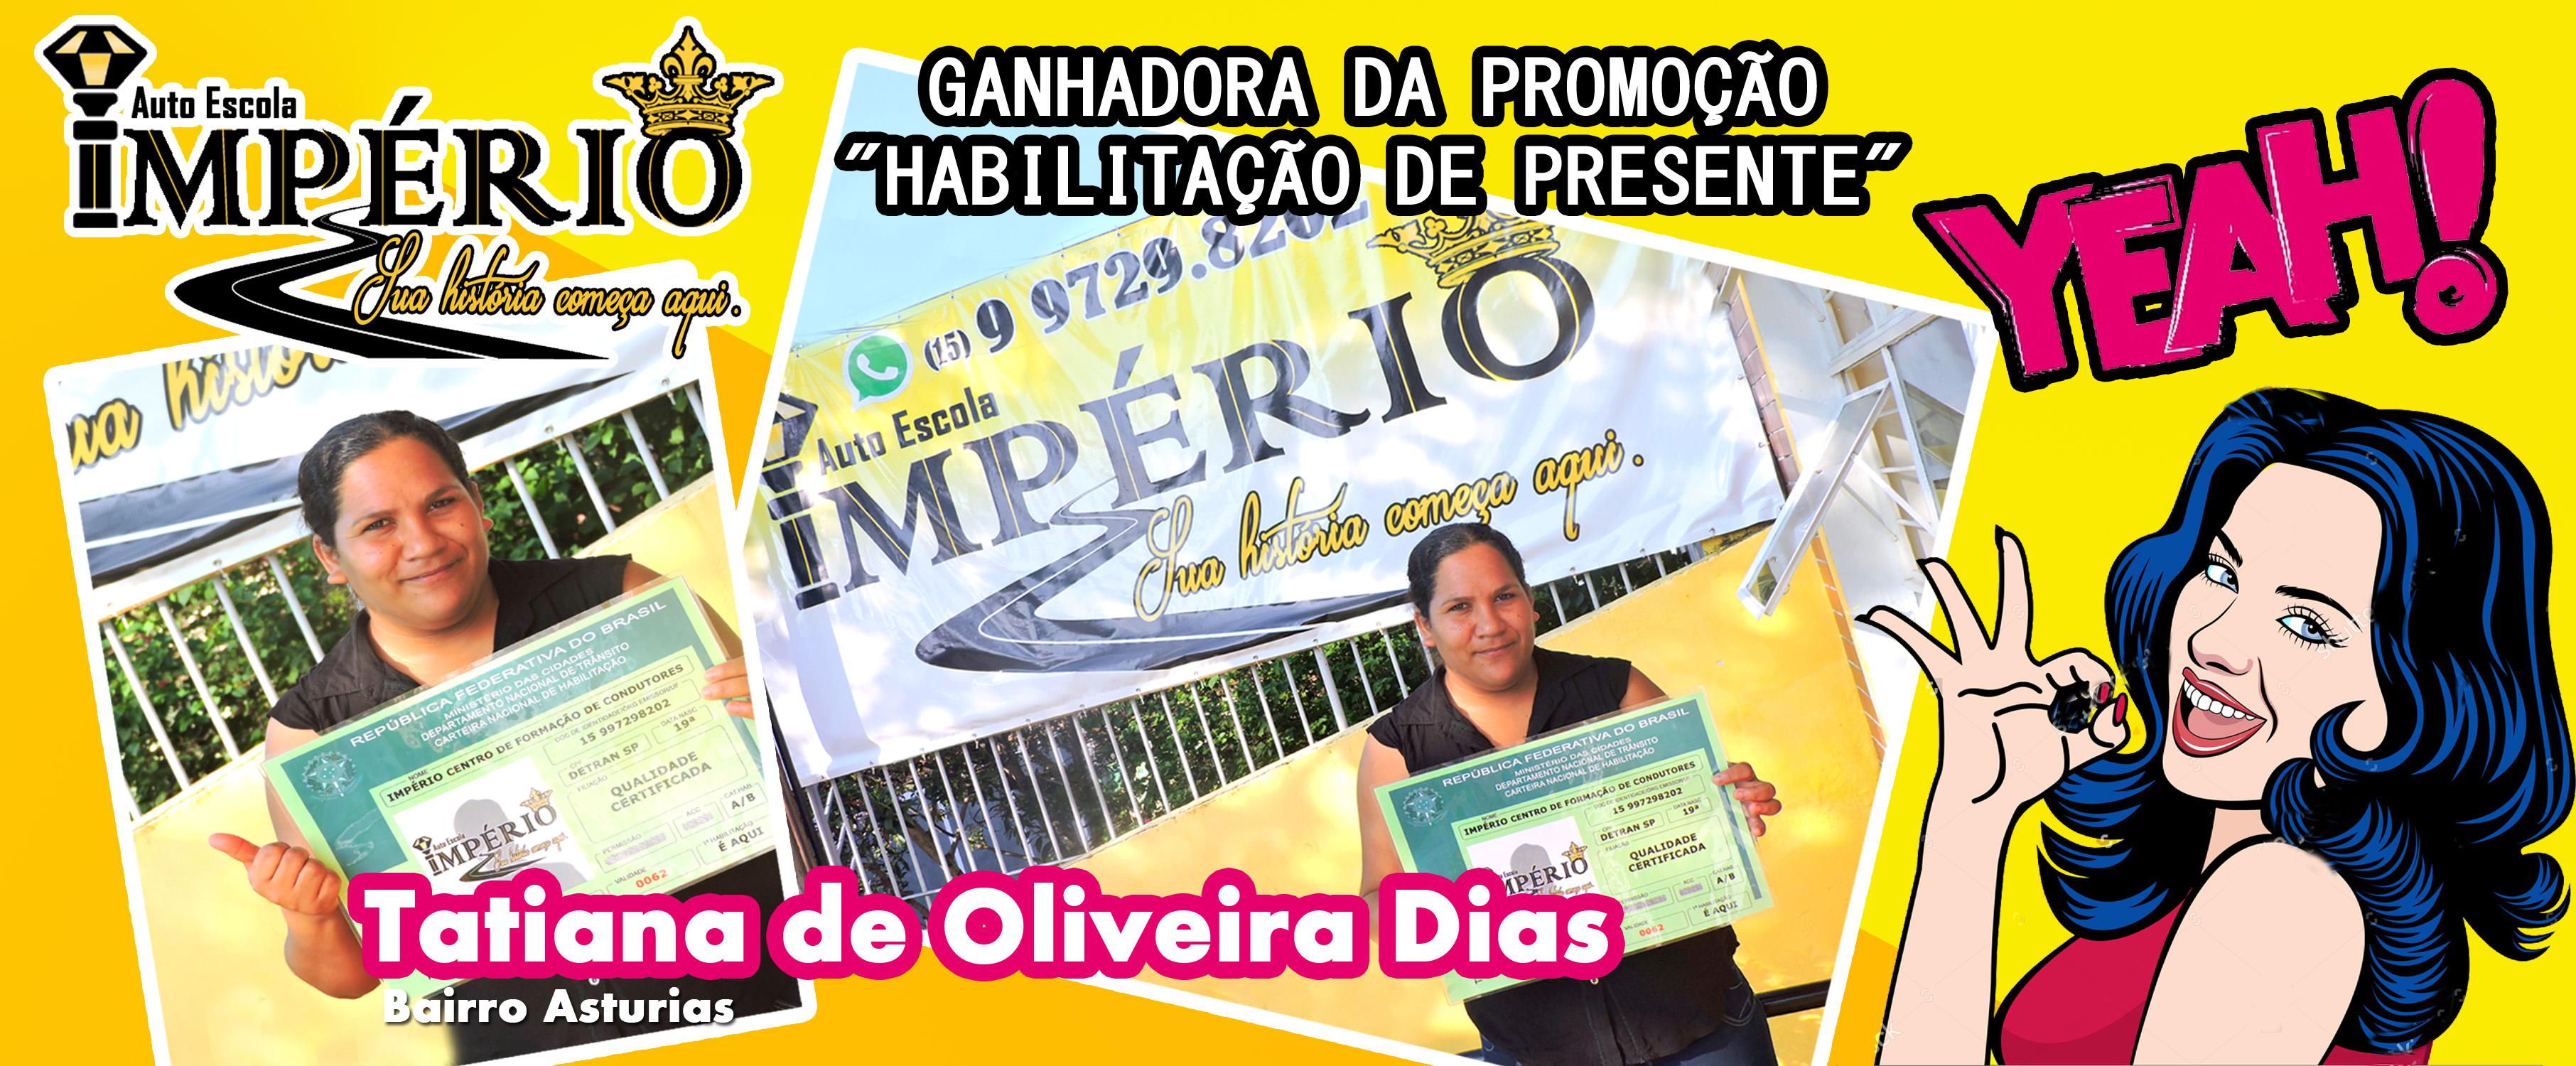 Ganhadora da Promoção